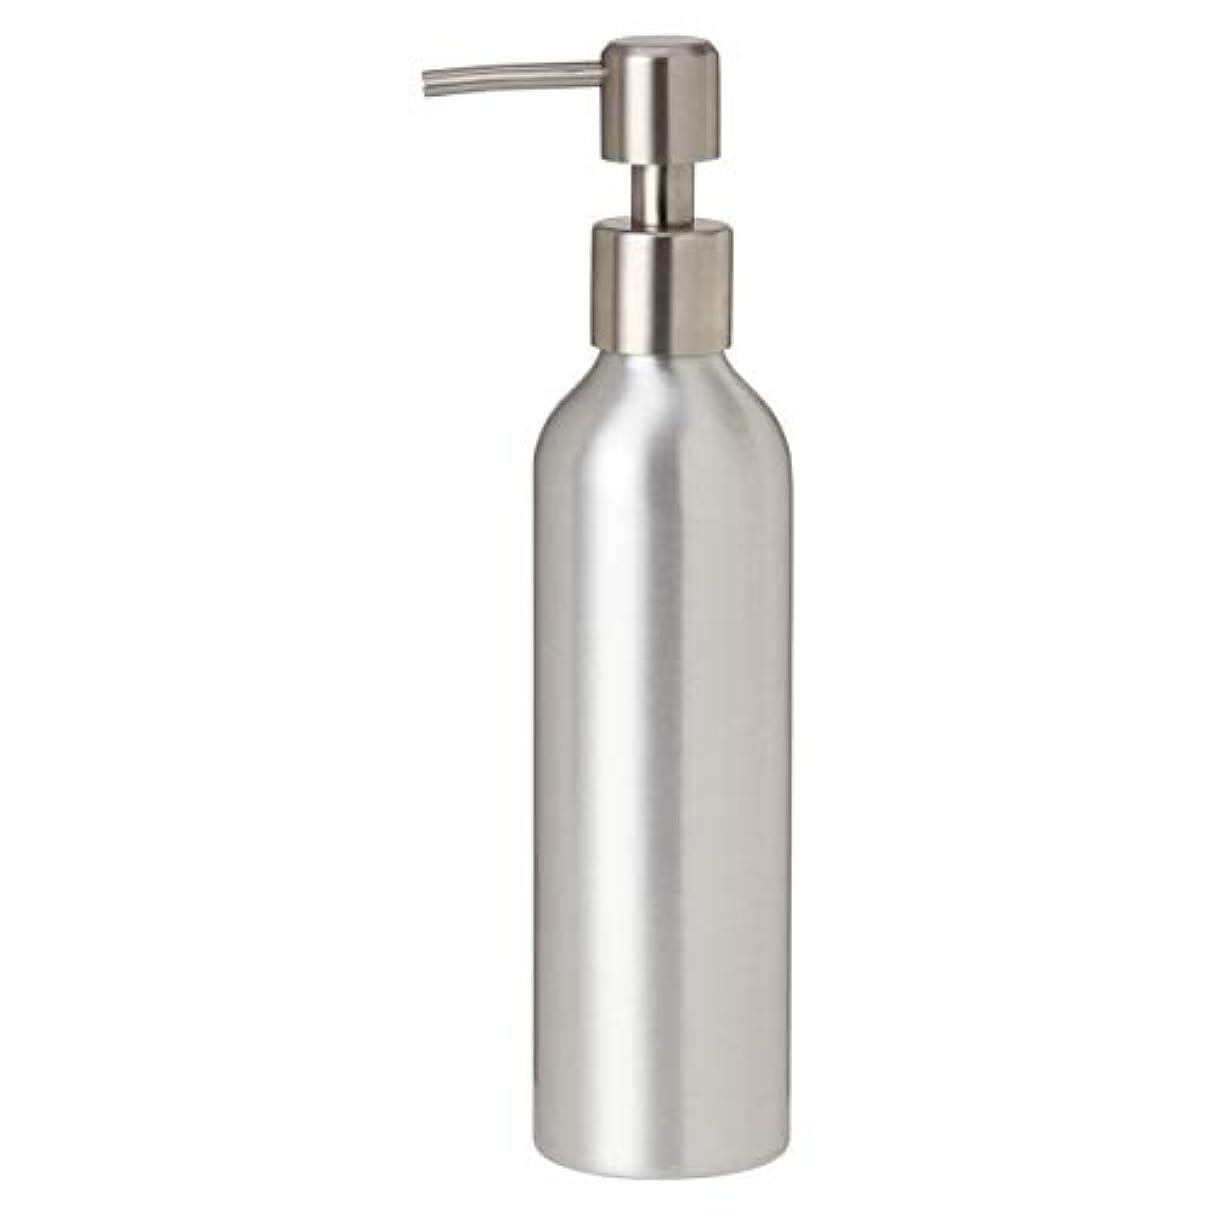 出発するひどくタンザニアアルミポンプボトル 250mL [ オイルウォーマー オイルトリートメント オイルボトル マッサージオイル アロママッサージオイル ボディマッサージオイル ボディオイル アロマオイル ]